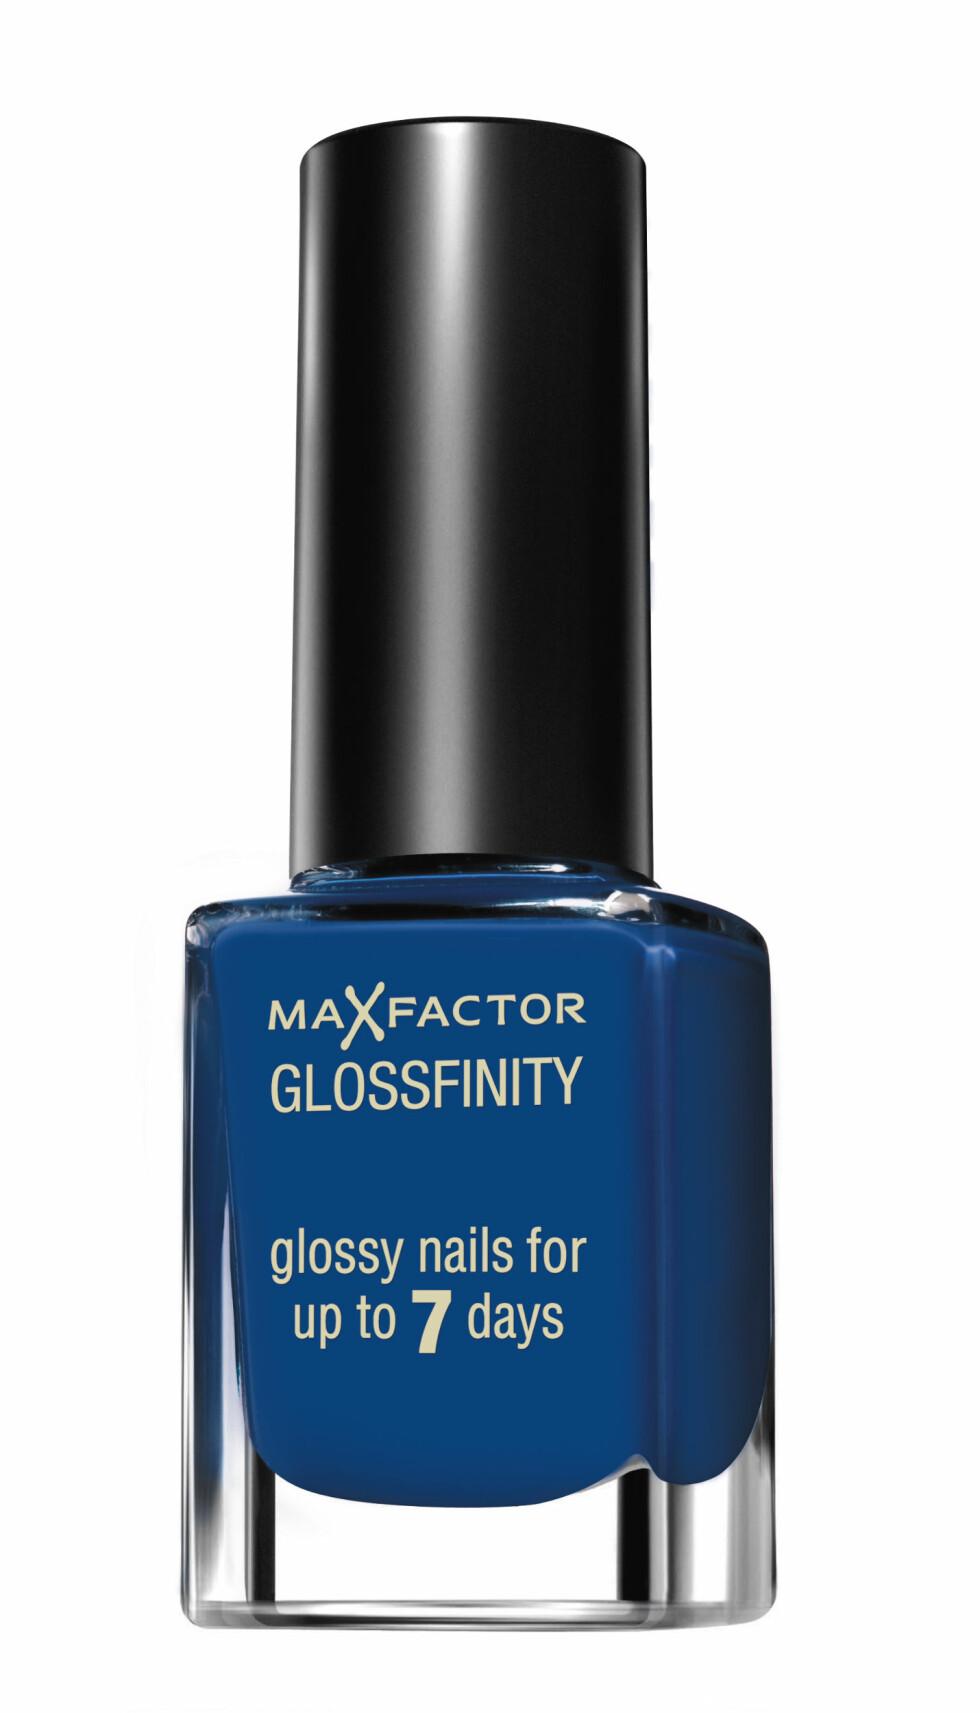 Cobalt Blue fra Max Factor Glossfinity, kr 99.